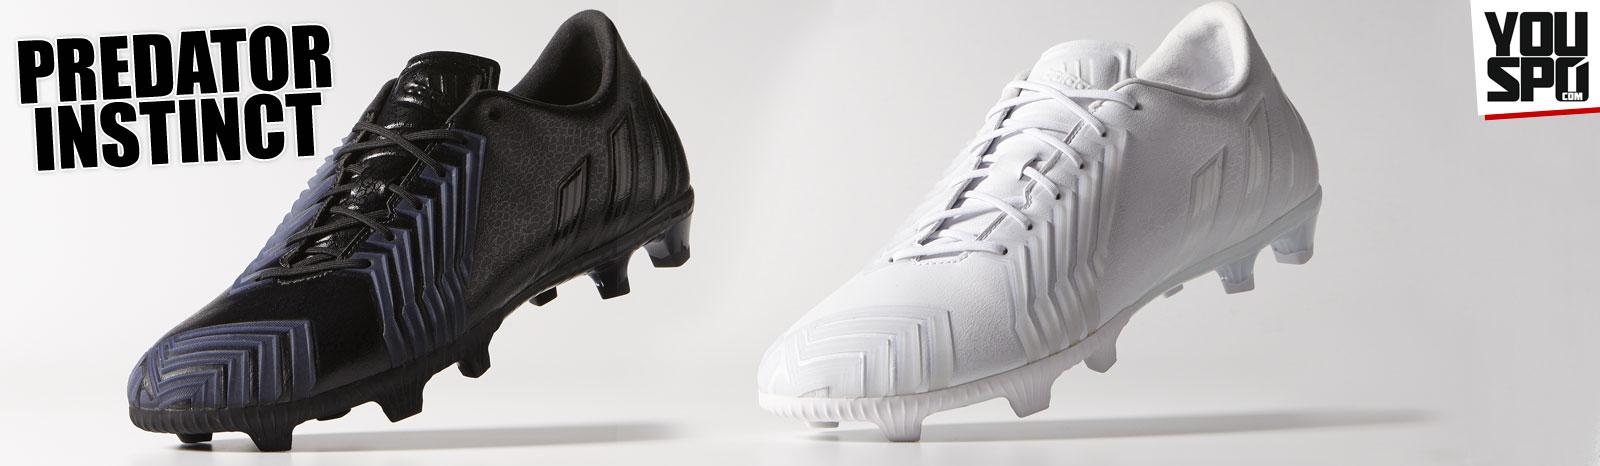 Adidas Predator Instinct komplett schwarz und komplett weiß